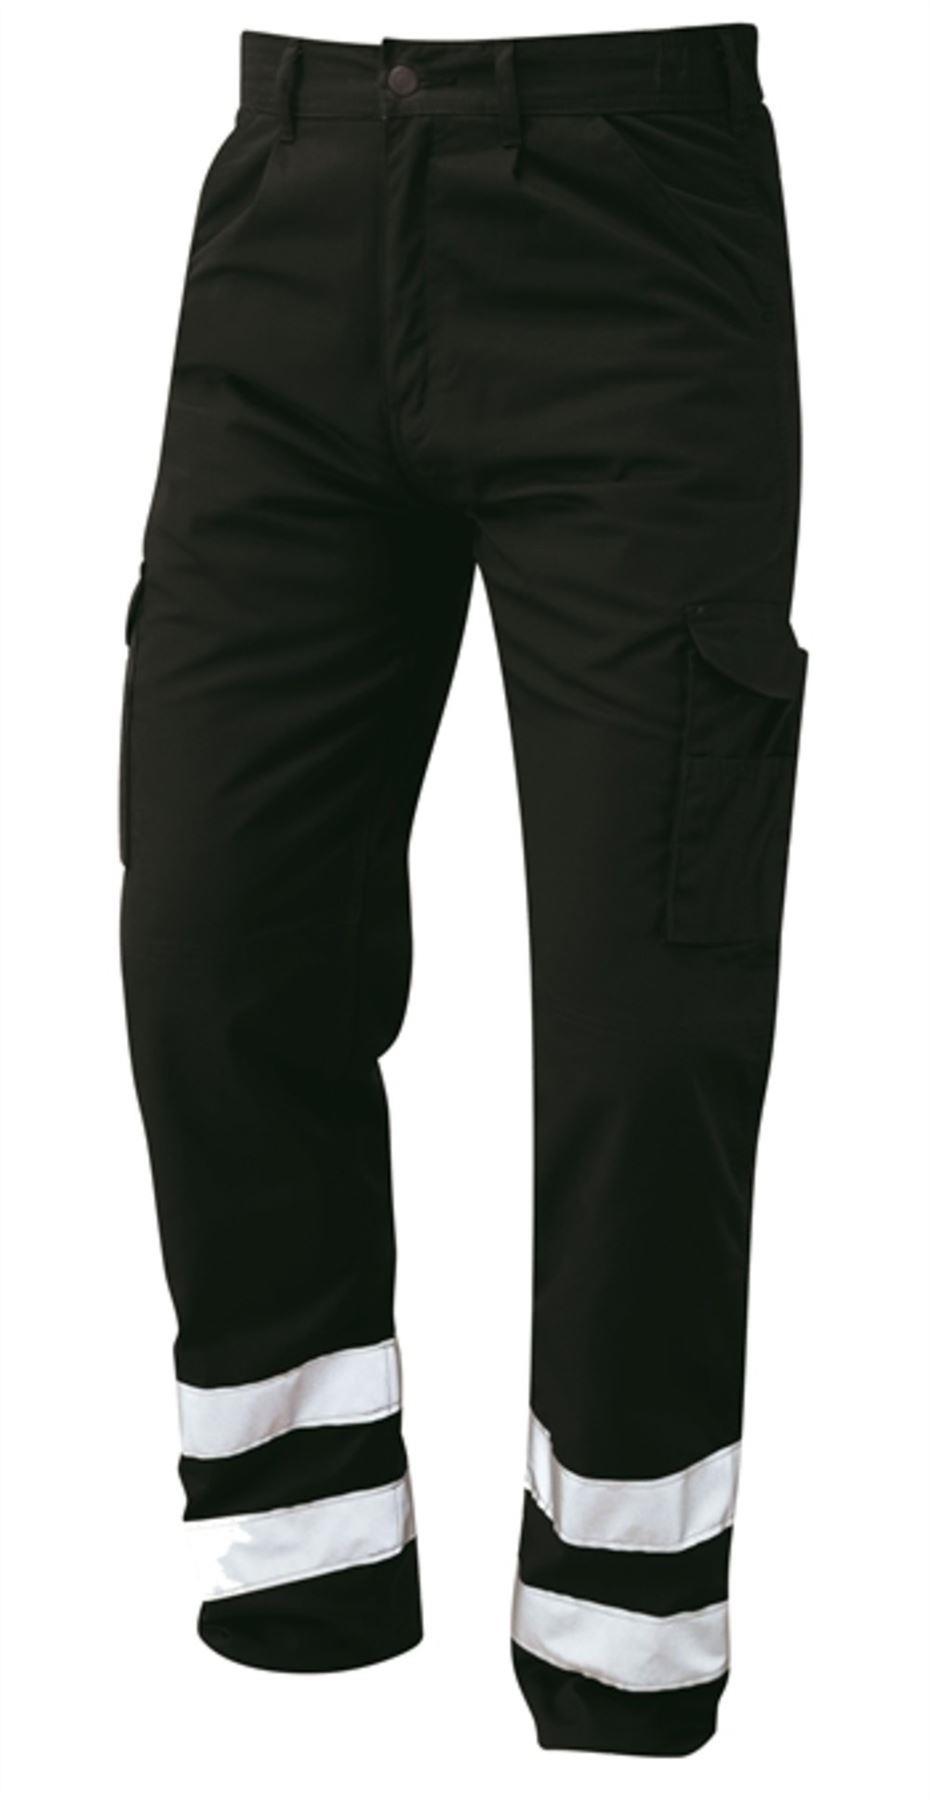 Orn Condor Hi Vis Kneepad Trousers - Black|50W35L